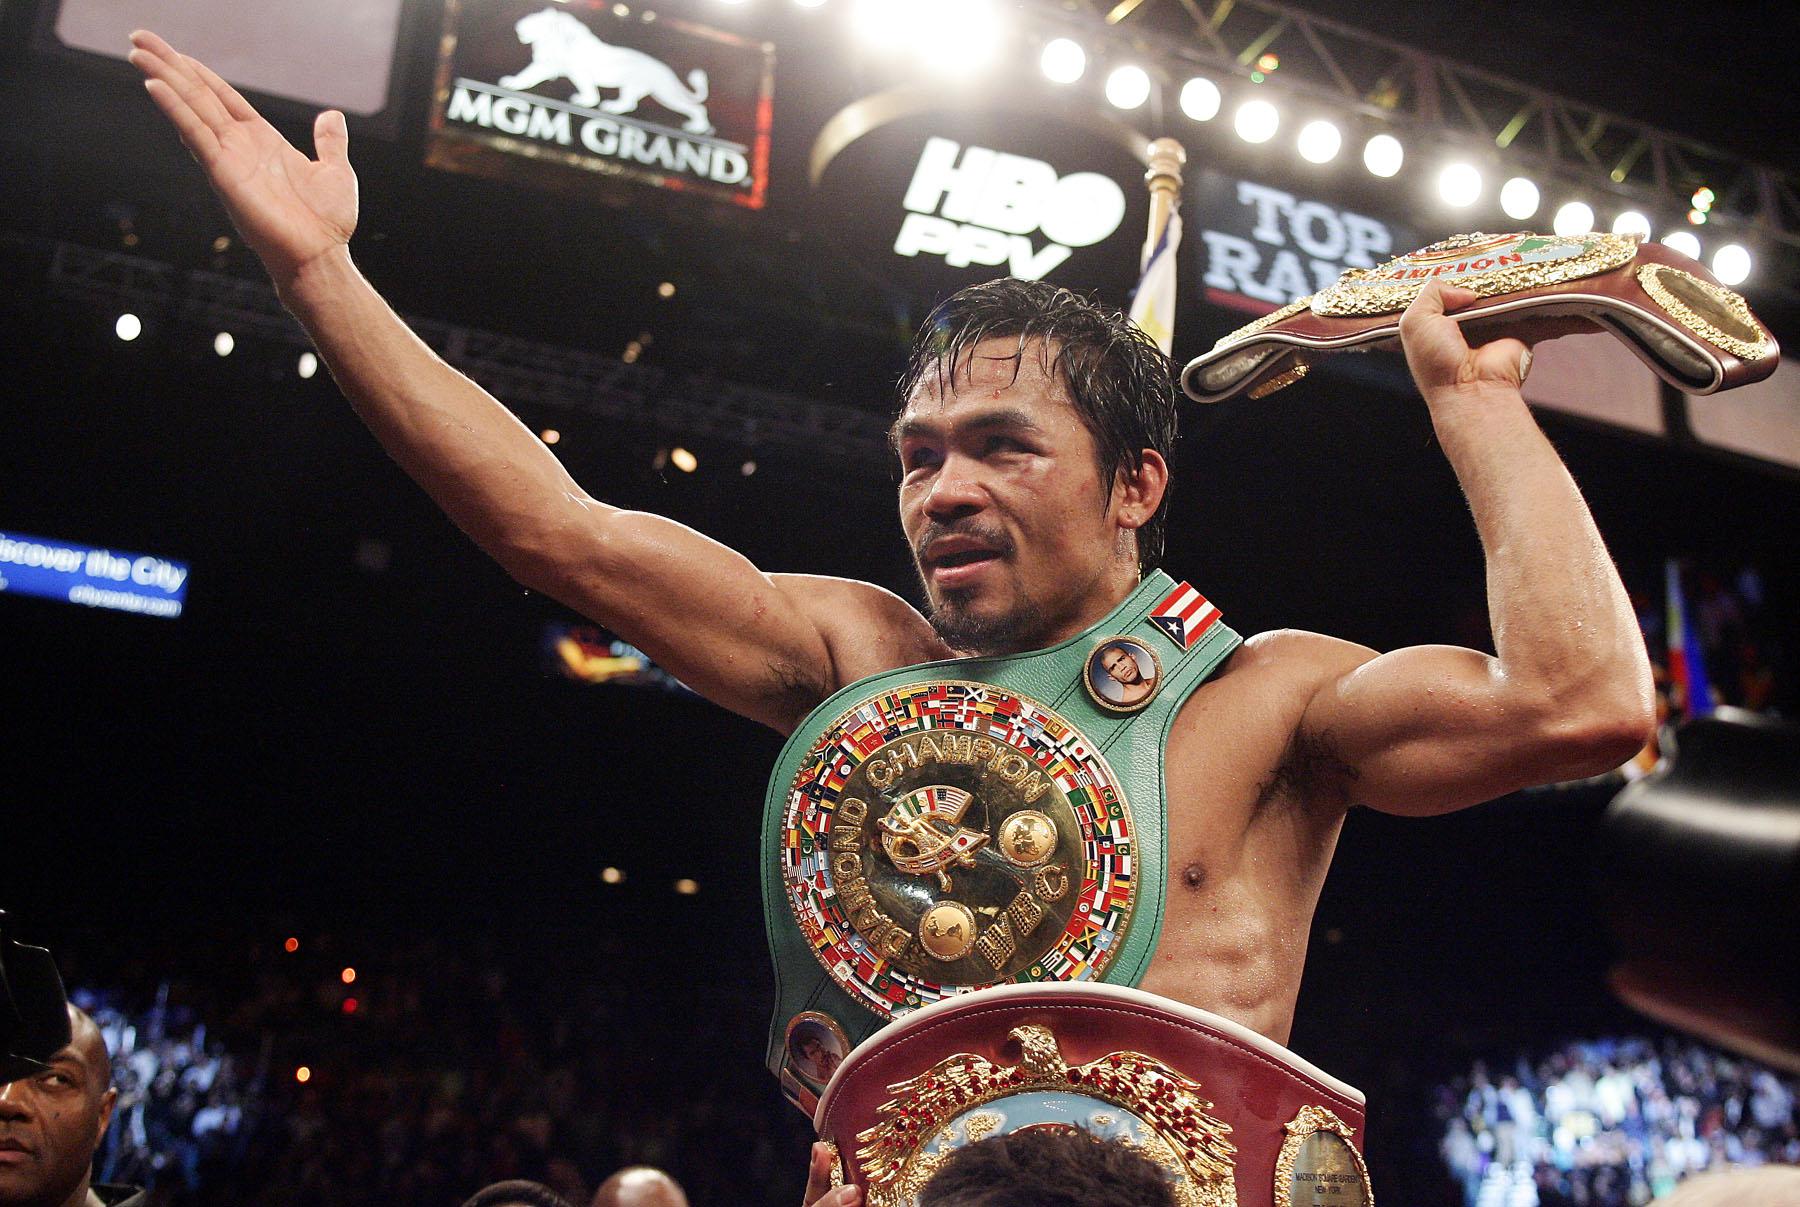 El diablo tagallo, Manny Pacquiao. Sacada de 15rounds.com